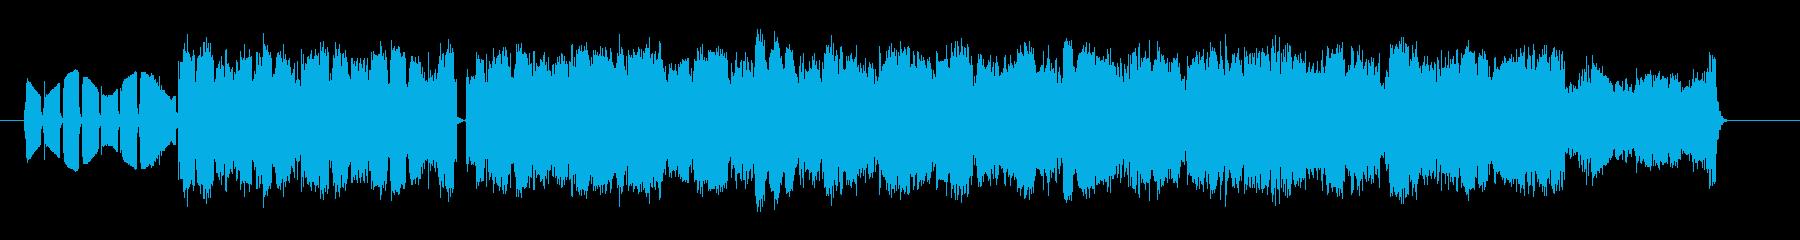 シリアスでドキドキ感のシンセサウンドの再生済みの波形